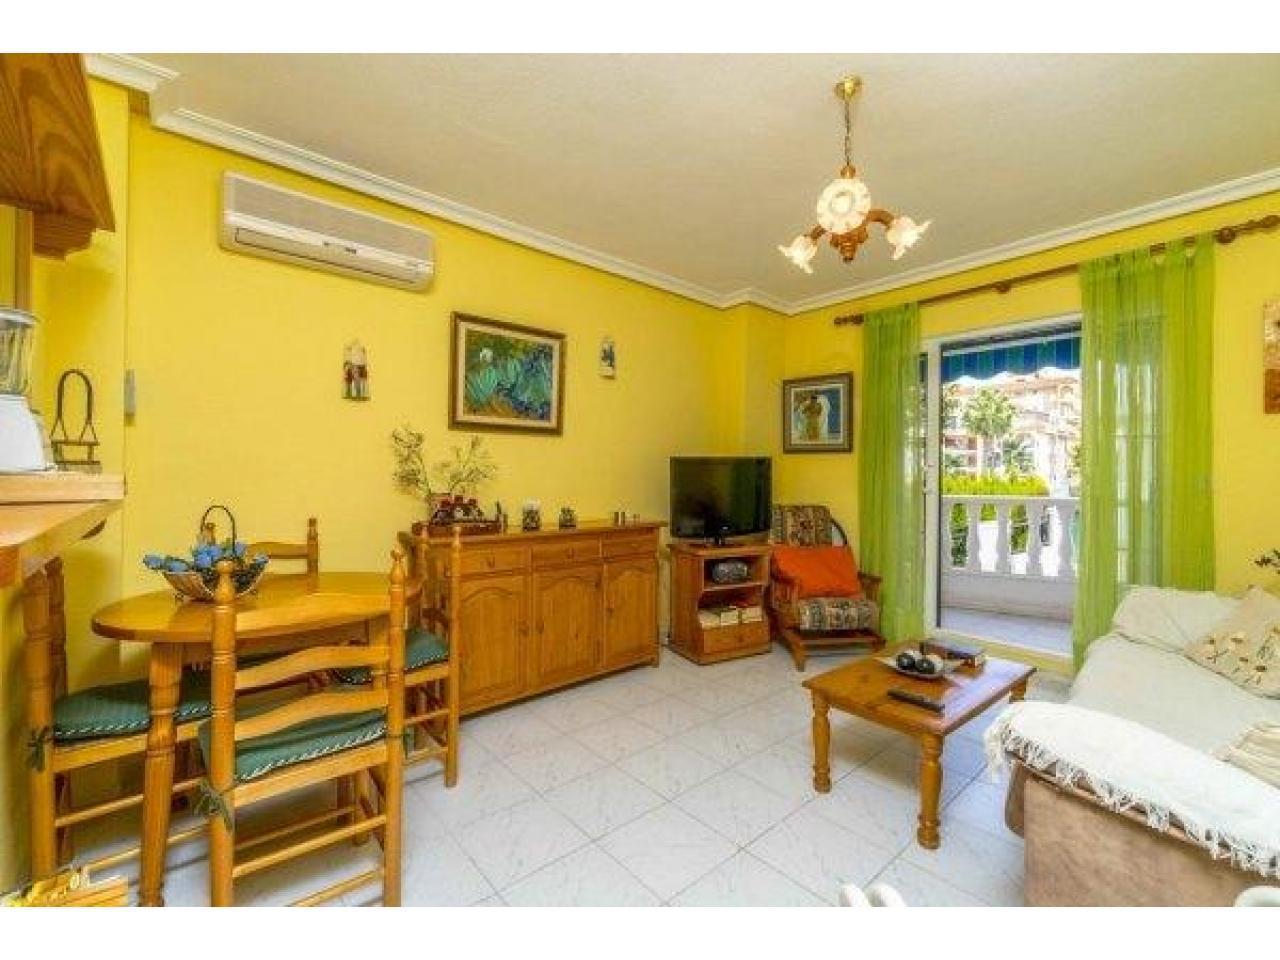 Недвижимость в Испании, Квартира рядом с пляжем в Ла Мата,Торревьеха,Коста Бланка,Испания - 2